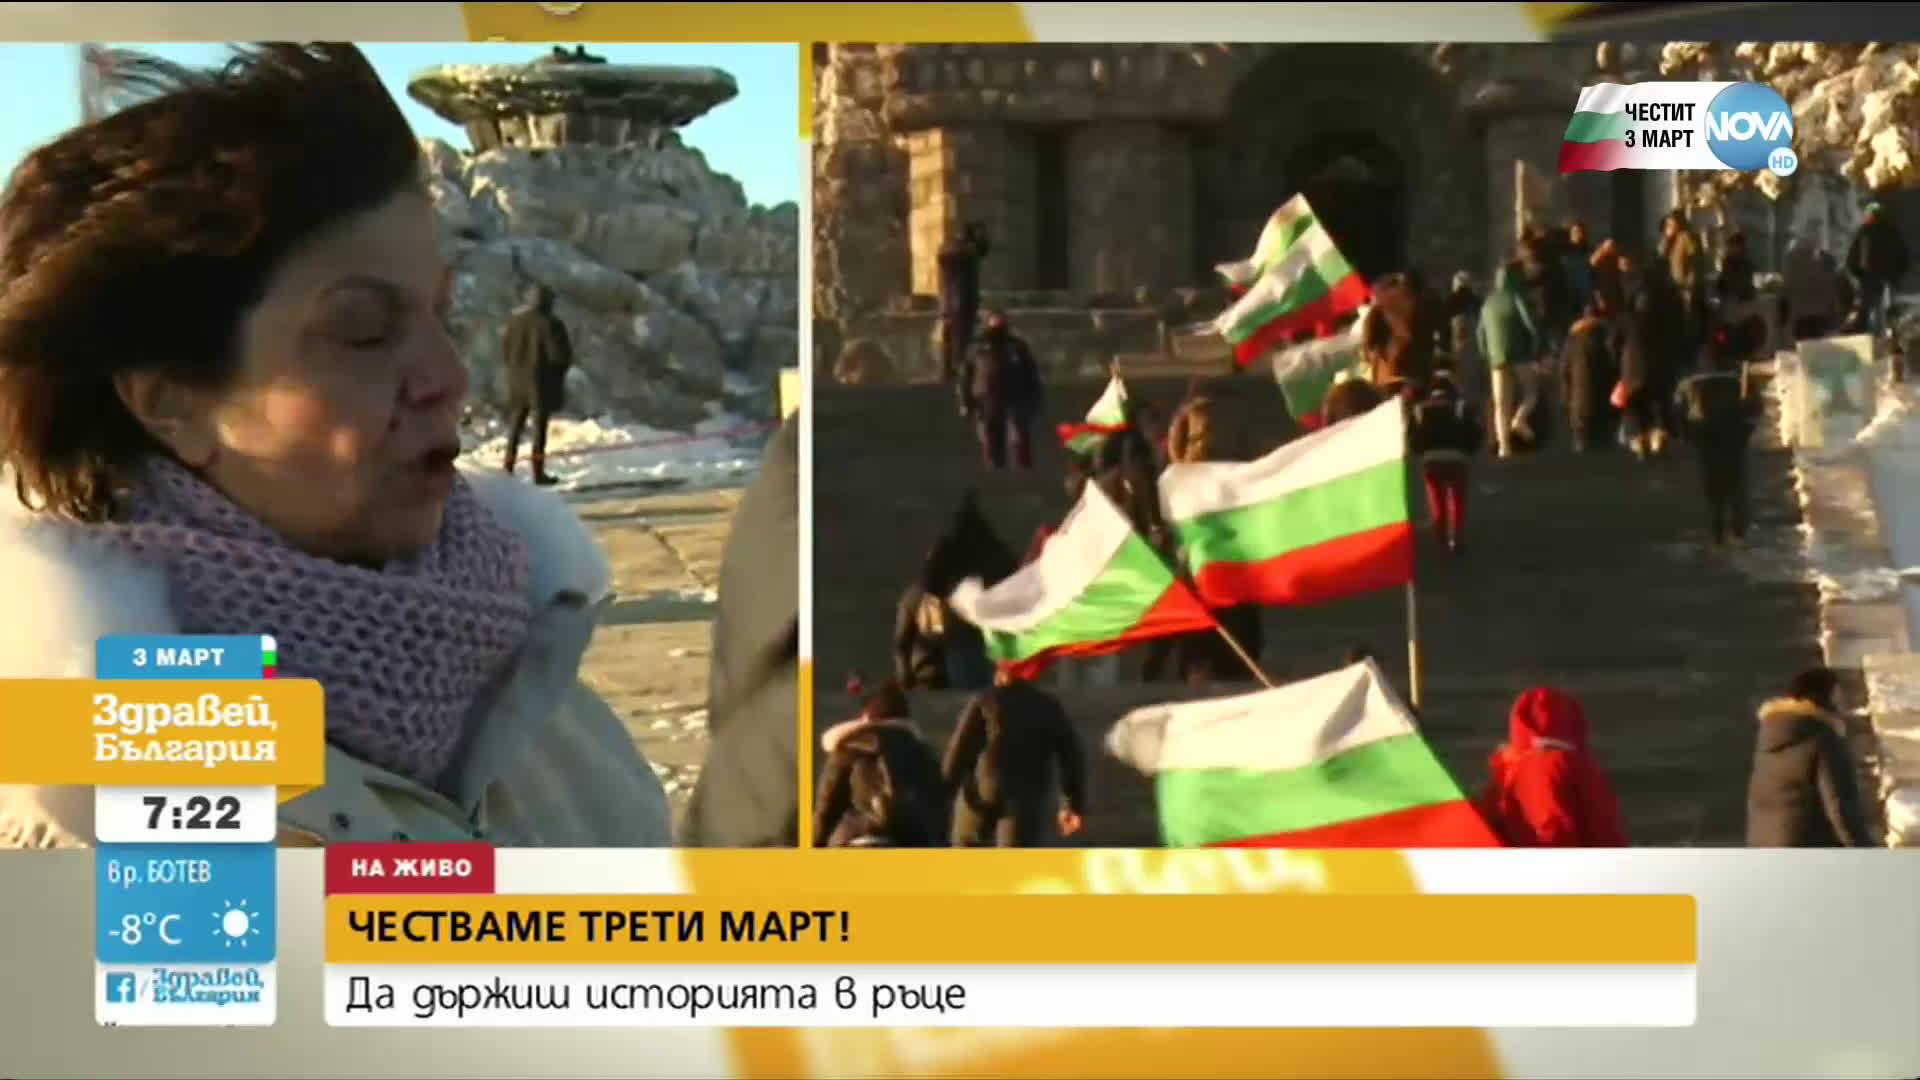 Паметникът на Шипка посреща посетителите на 3 март с метални ограждения